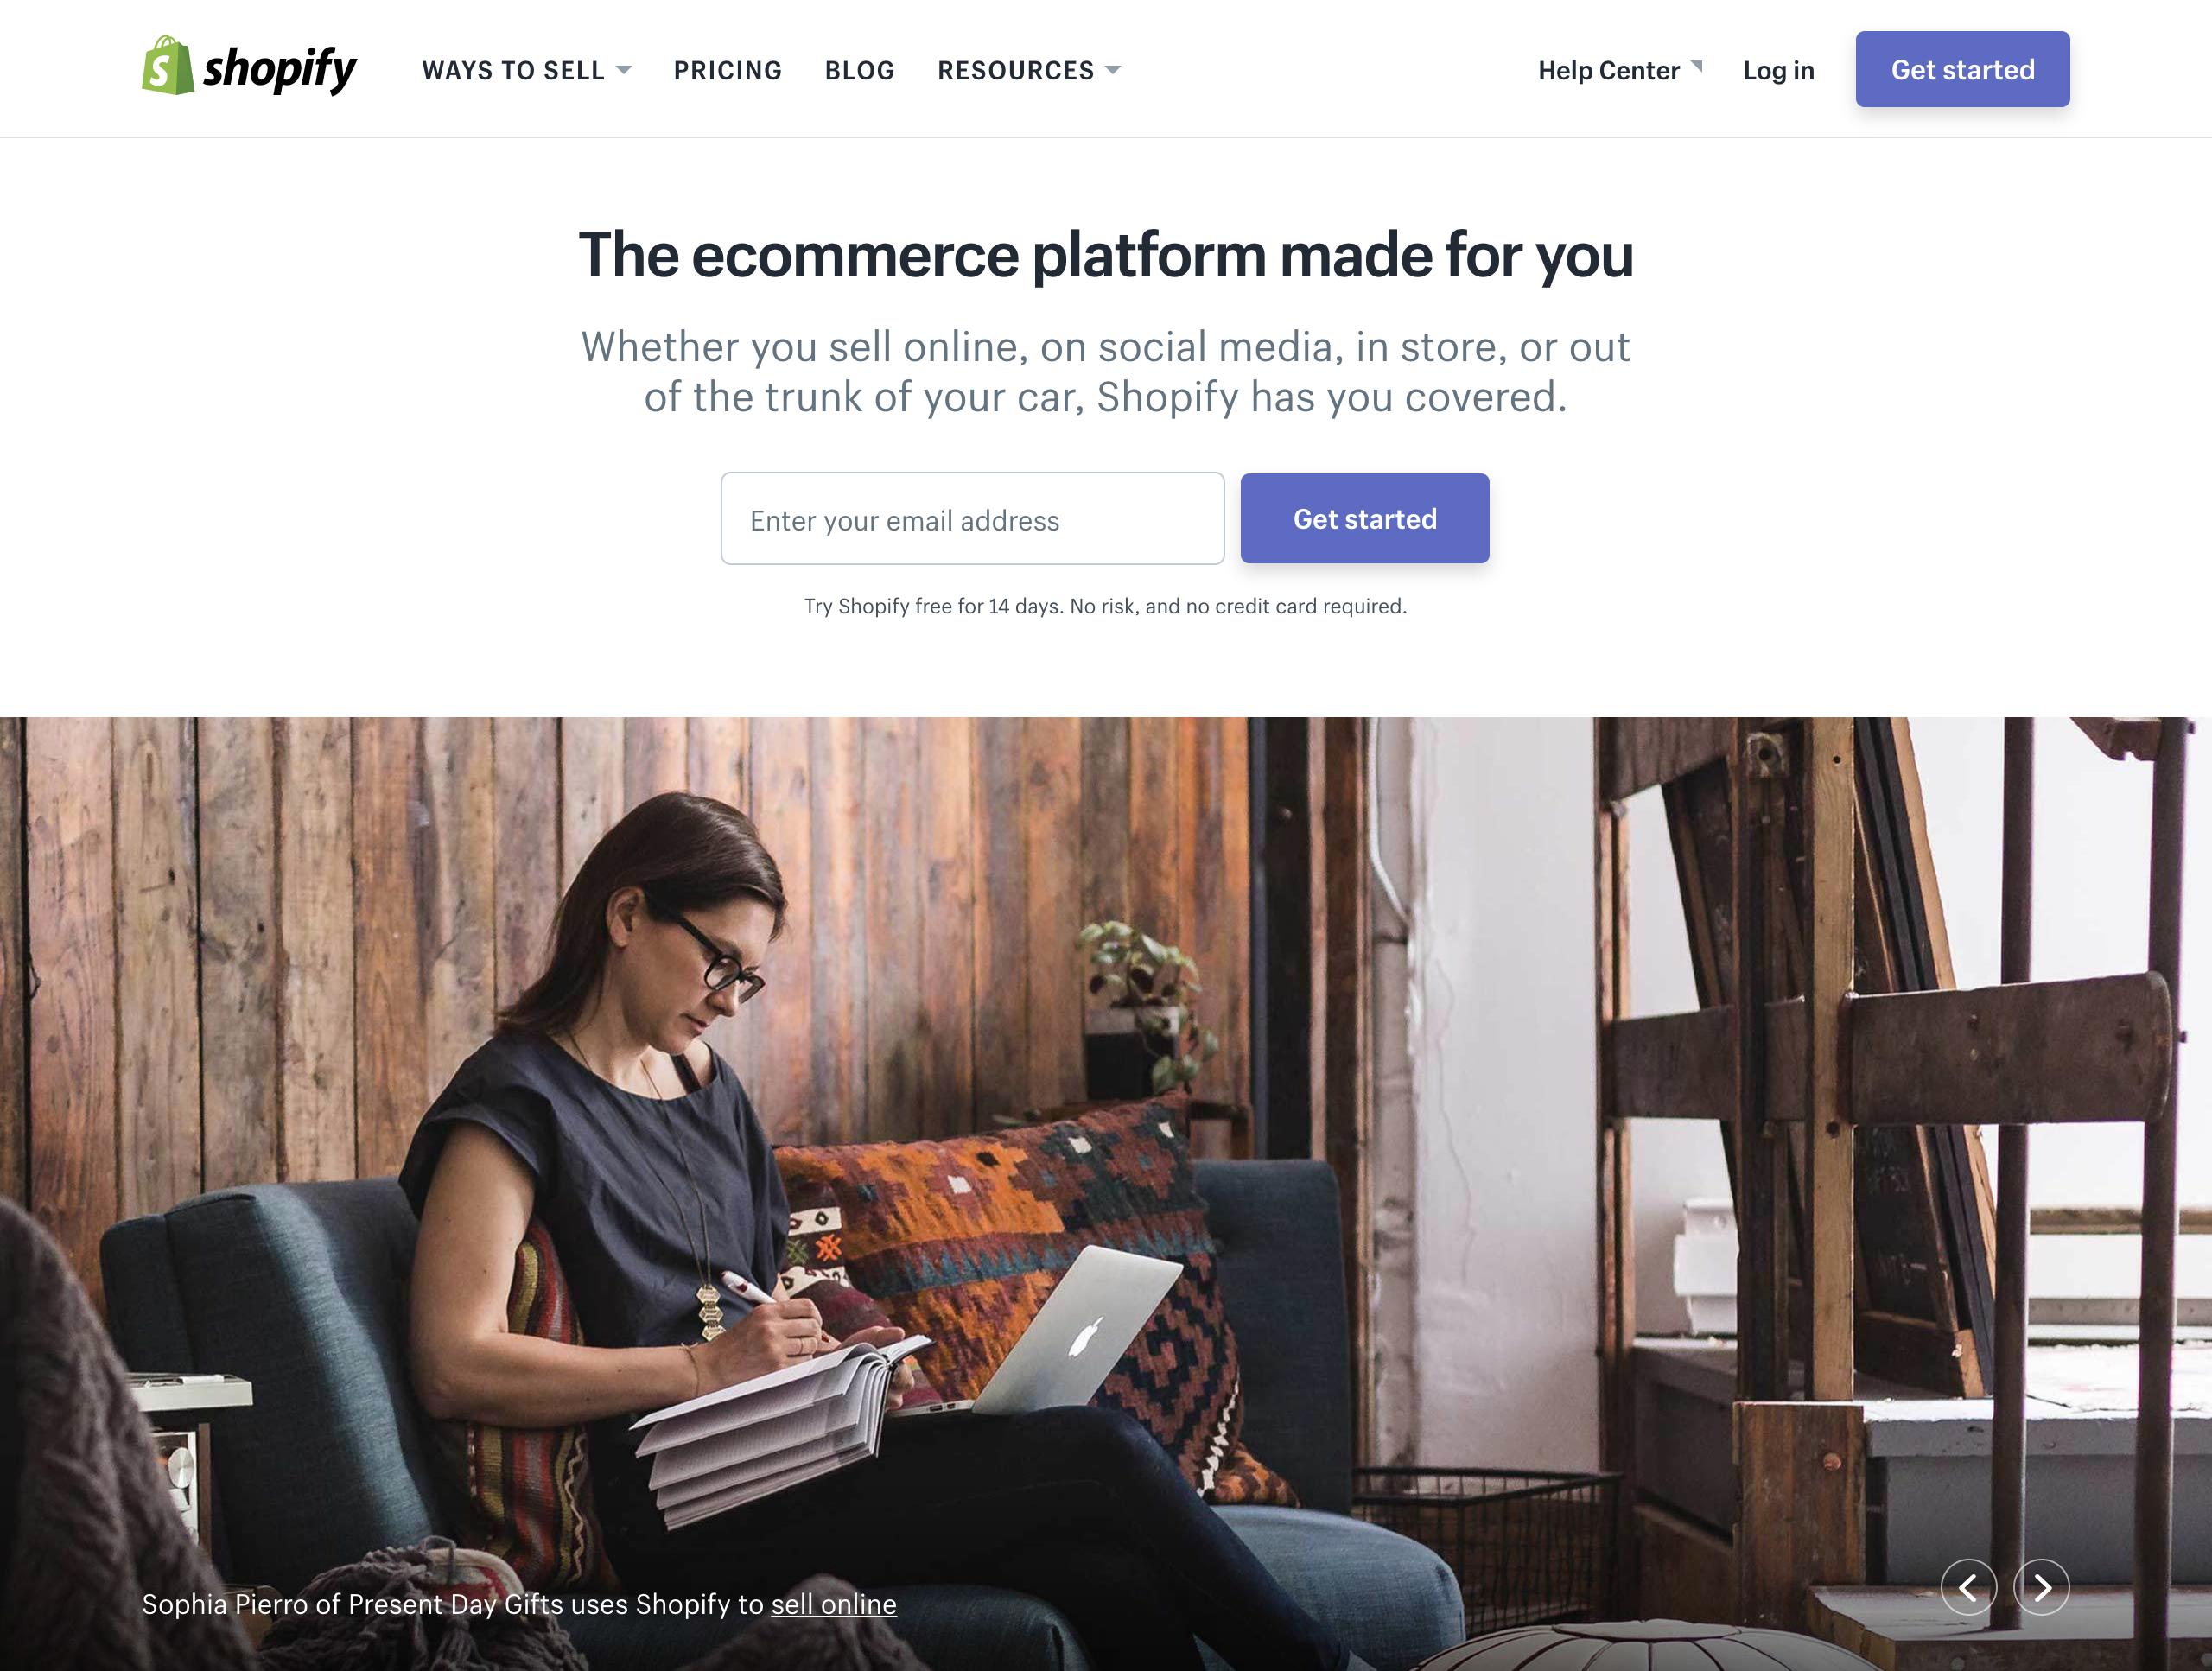 shopify ecommerce marketing